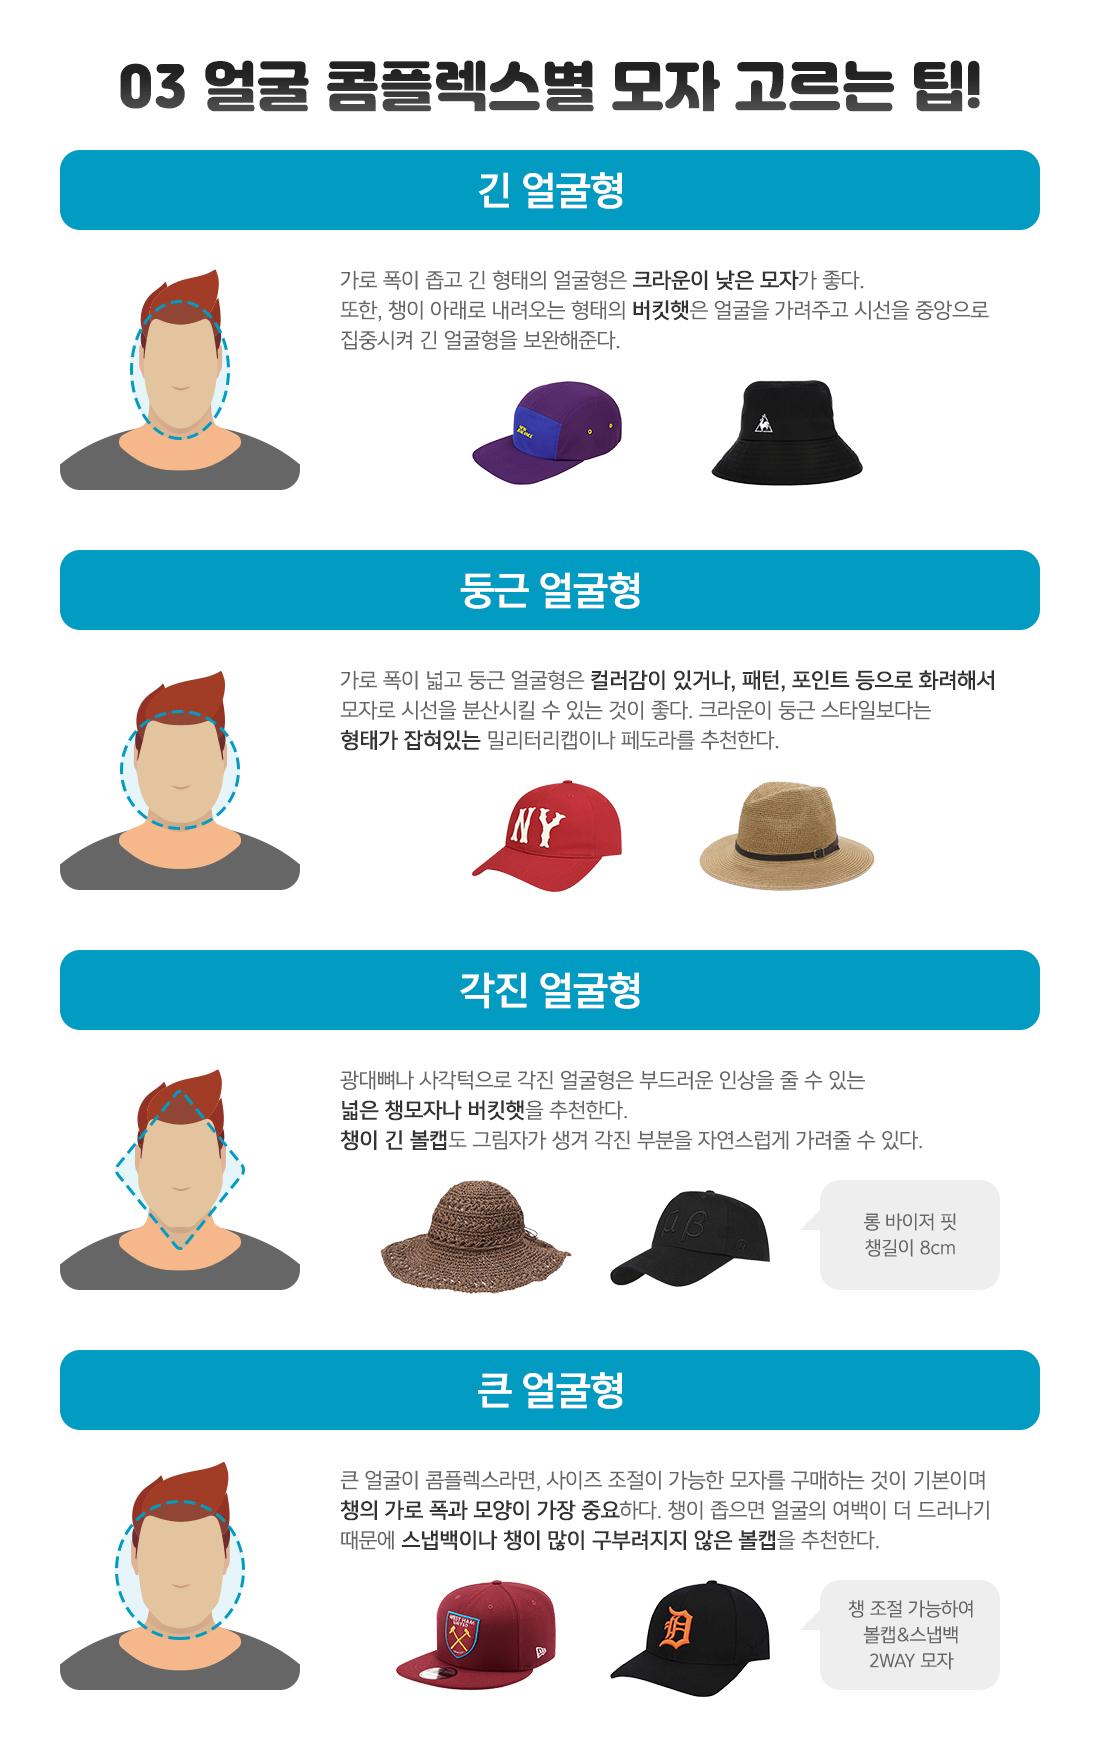 03. 얼굴 콤플렉스별 모자 고르는 팁!